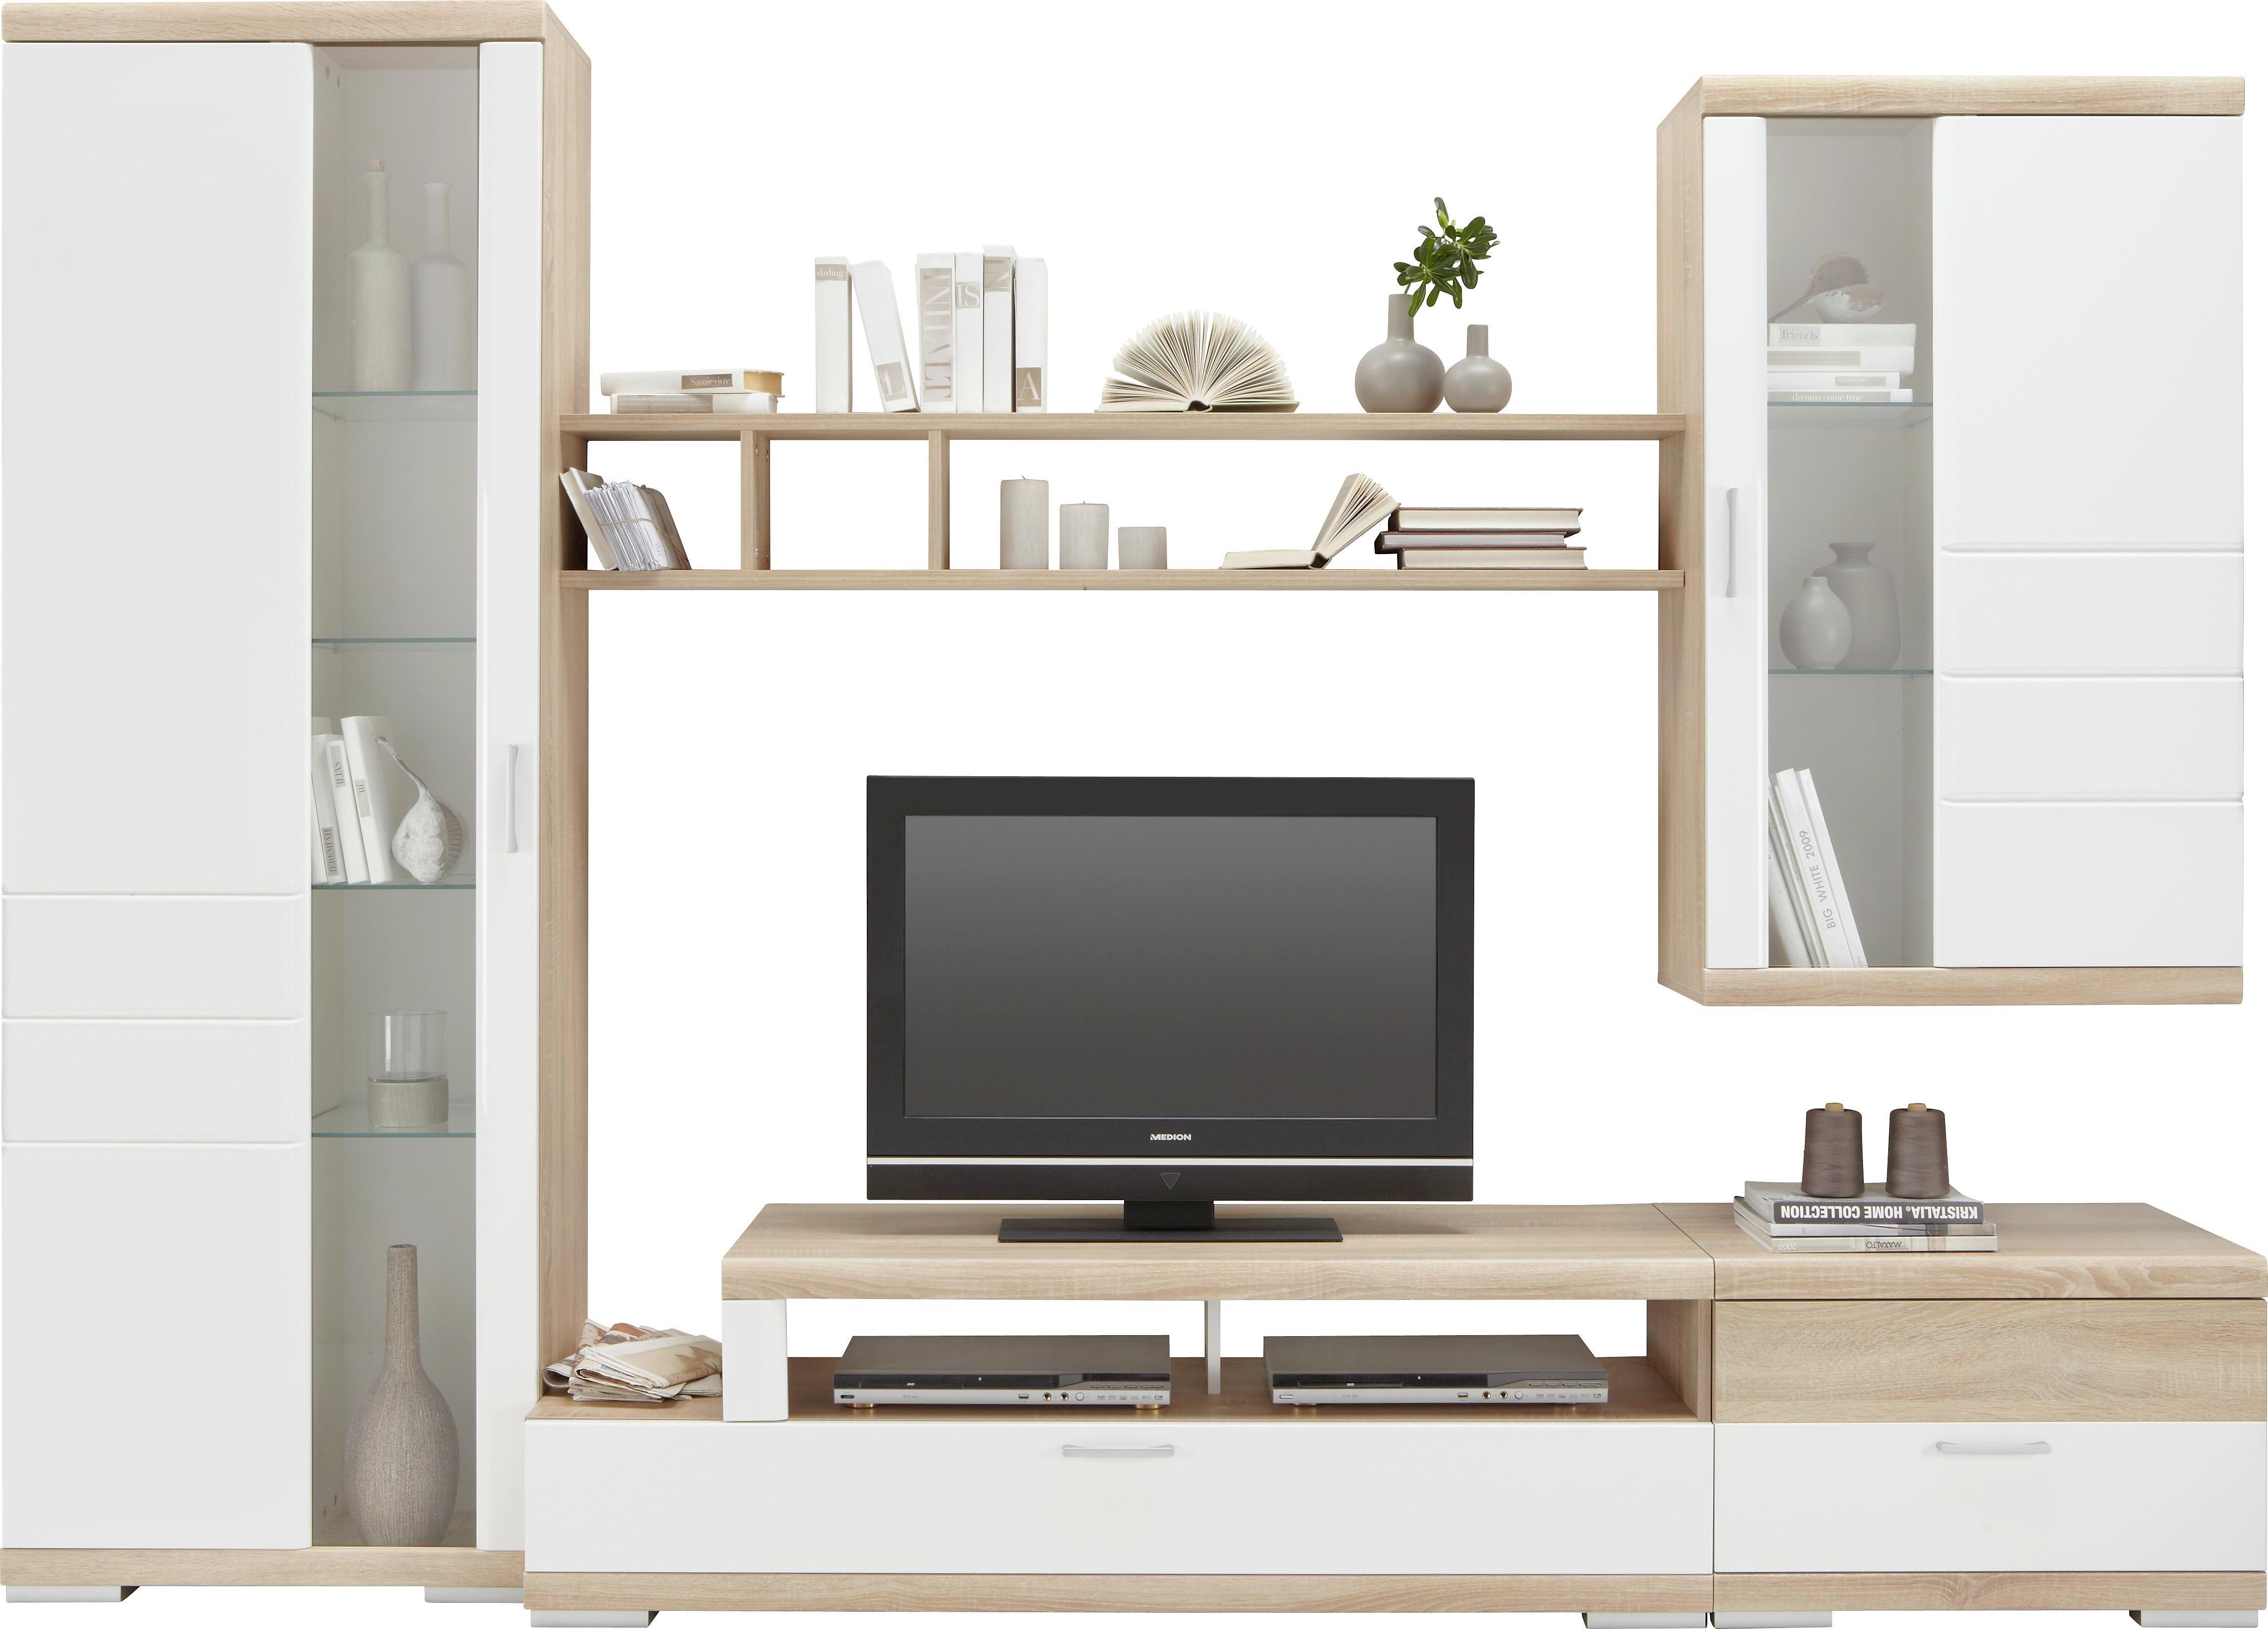 wohnwand online kaufen simple hochglanz wohnwand online kaufen otto moderne wohnwand cologne. Black Bedroom Furniture Sets. Home Design Ideas